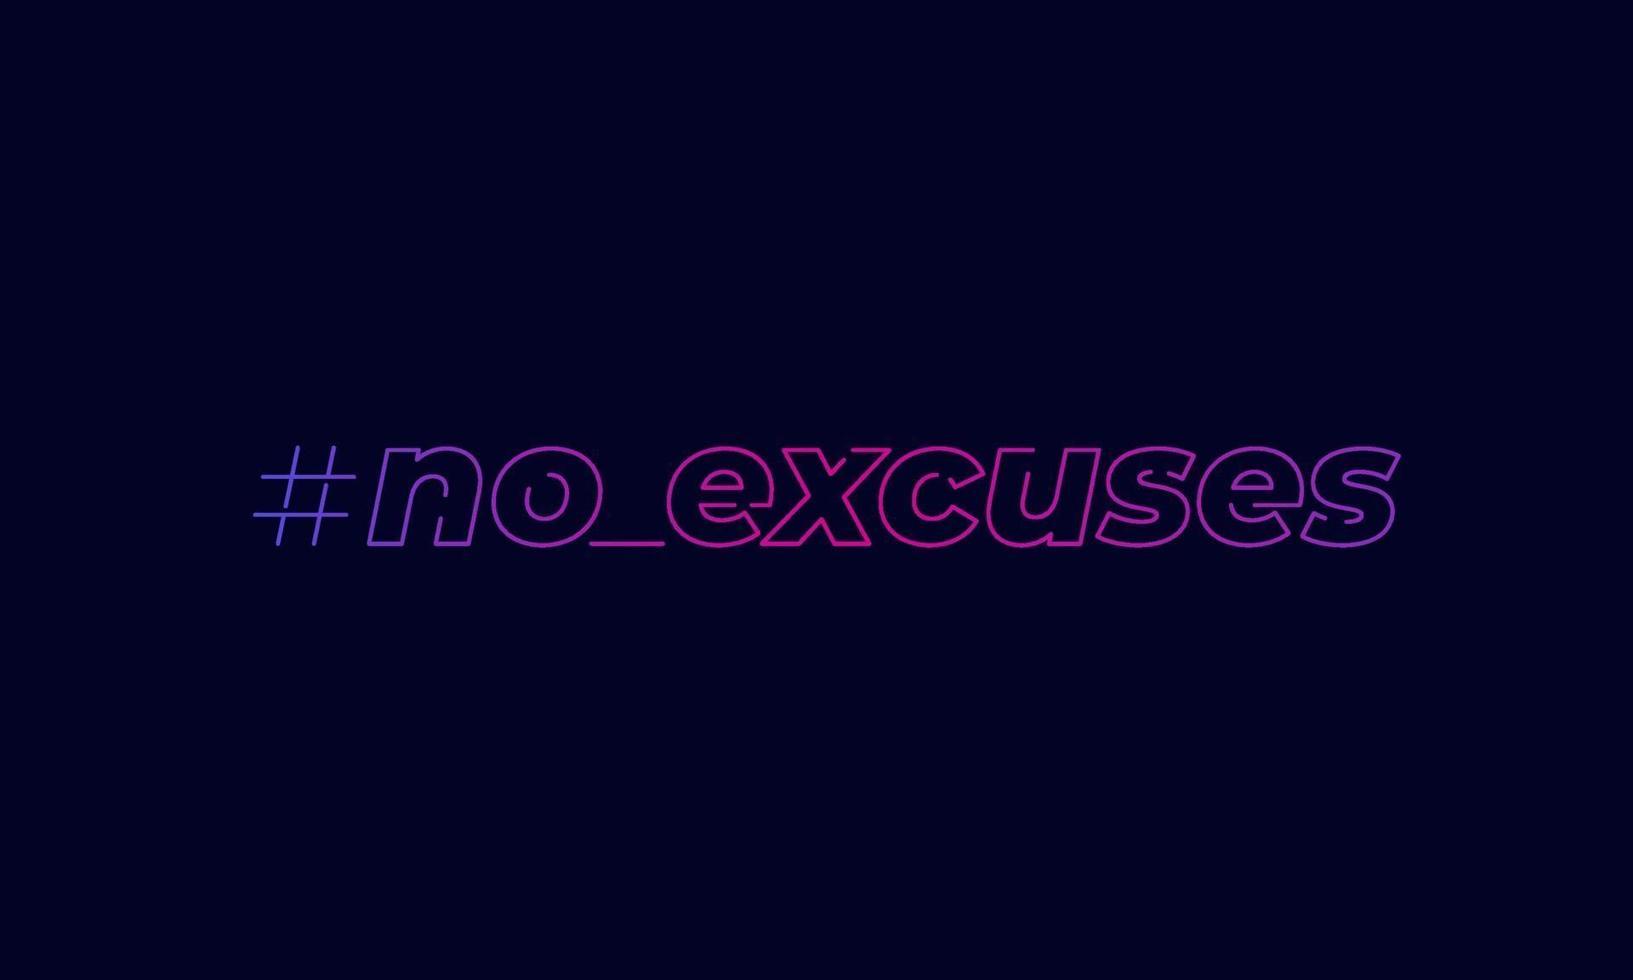 nessuna scusa, stampa vettoriale ispiratrice.eps